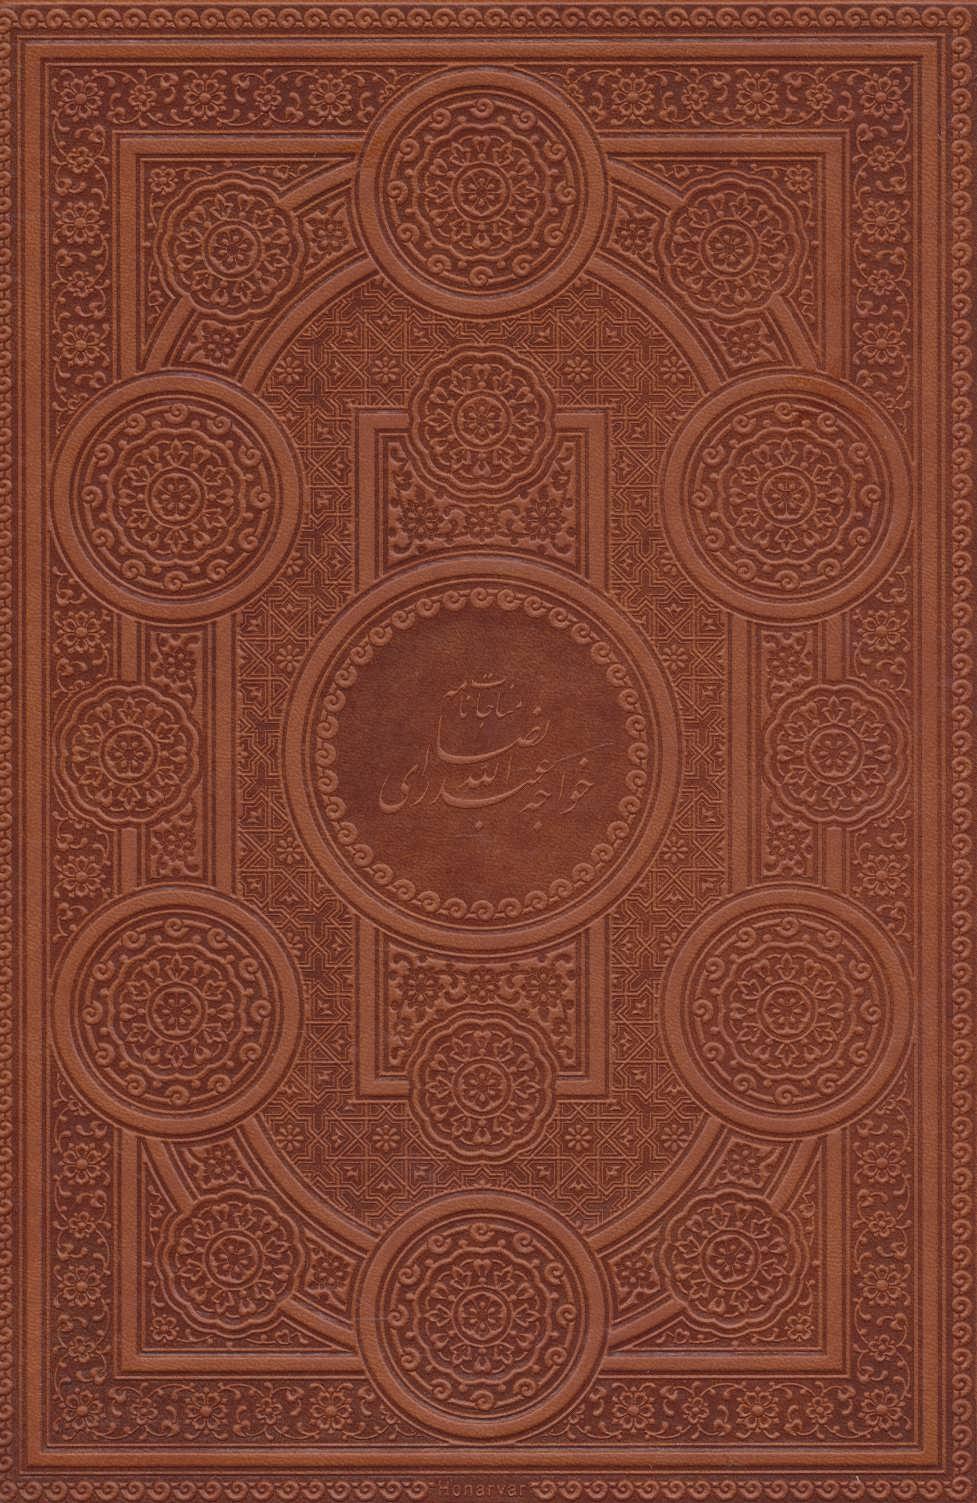 کتاب مناجات نامه خواجه عبدالله انصاری (چرم)